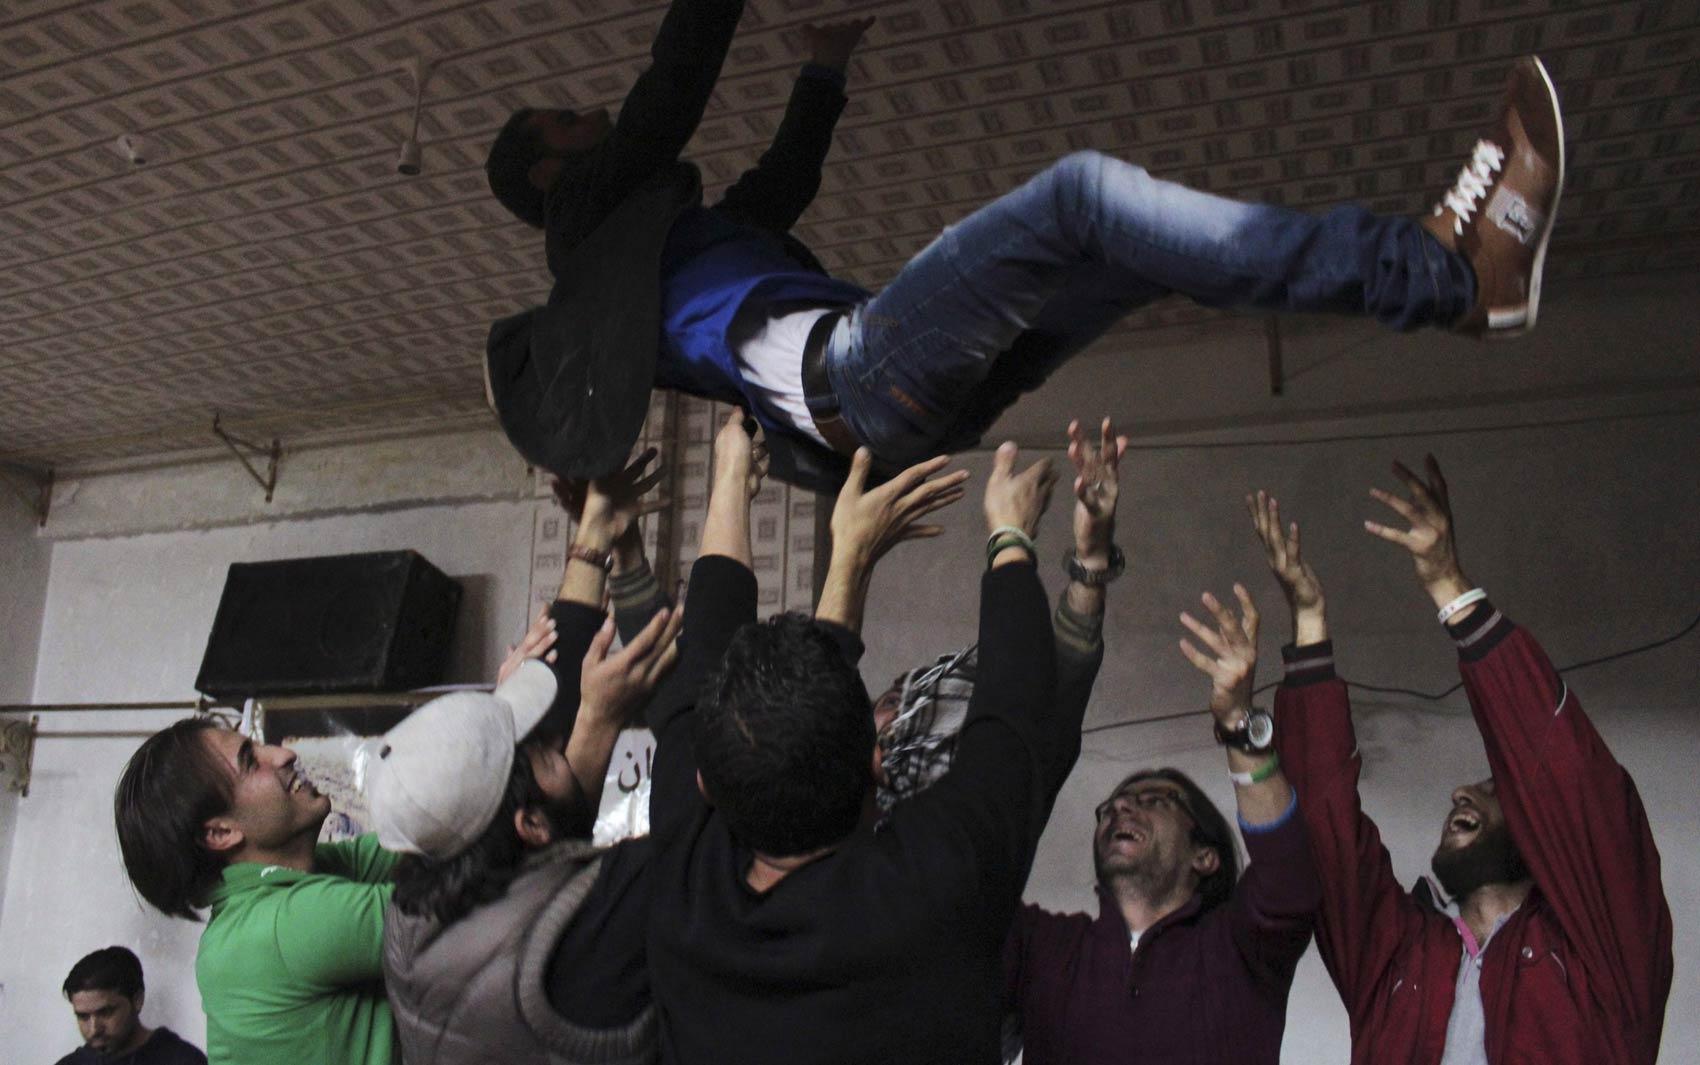 25/10 - Combatentes do Exército Livre da Síria jogam para cima um colega rebelde durante a festa do seu casamento em Salaheddine, em Aleppo